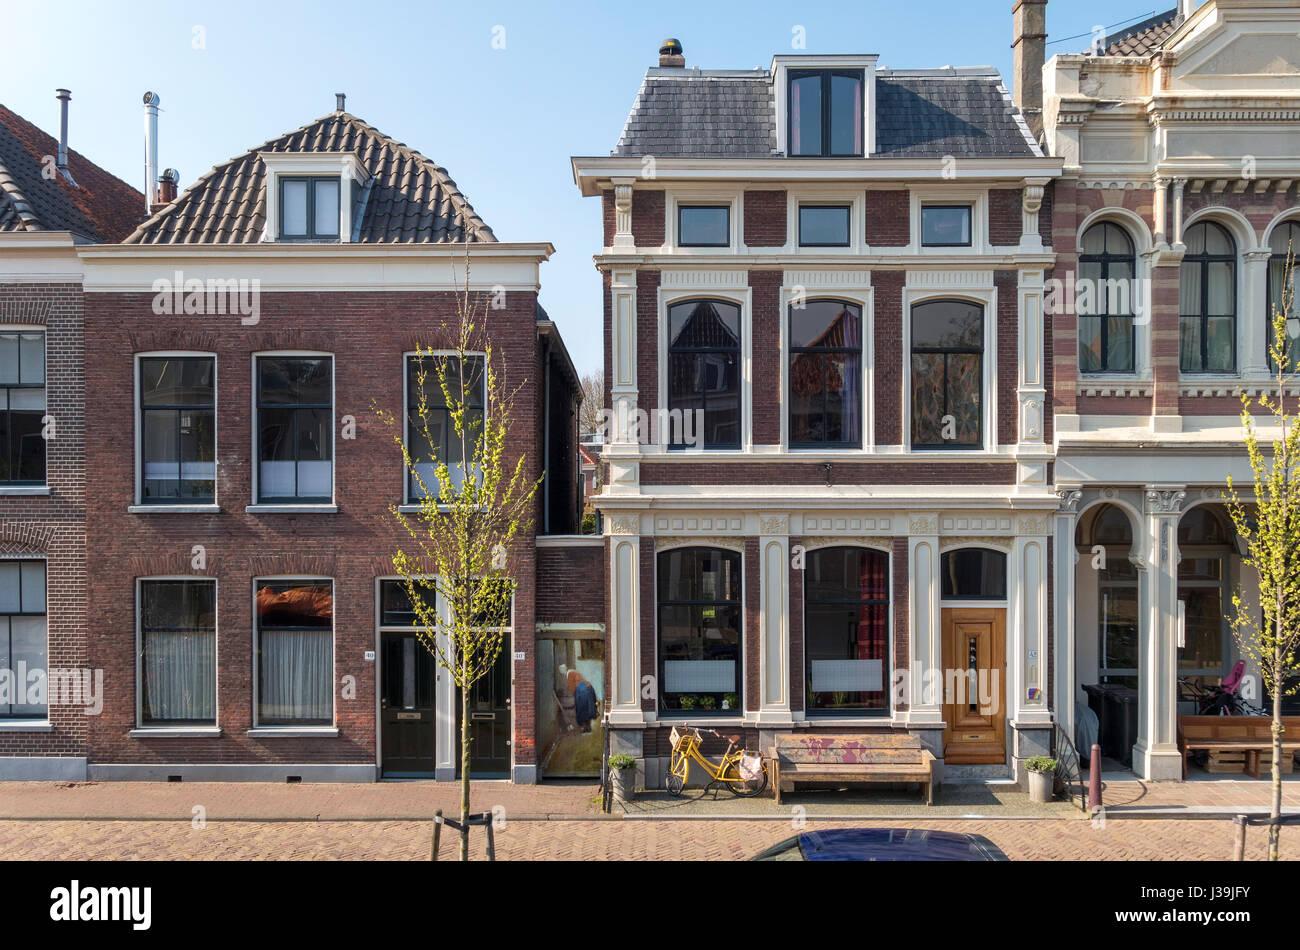 Delft Vermeer die kleine Straße. Vlamingstraat 40 und 42 den ursprünglichen Standort der kleinen Straße Stockbild